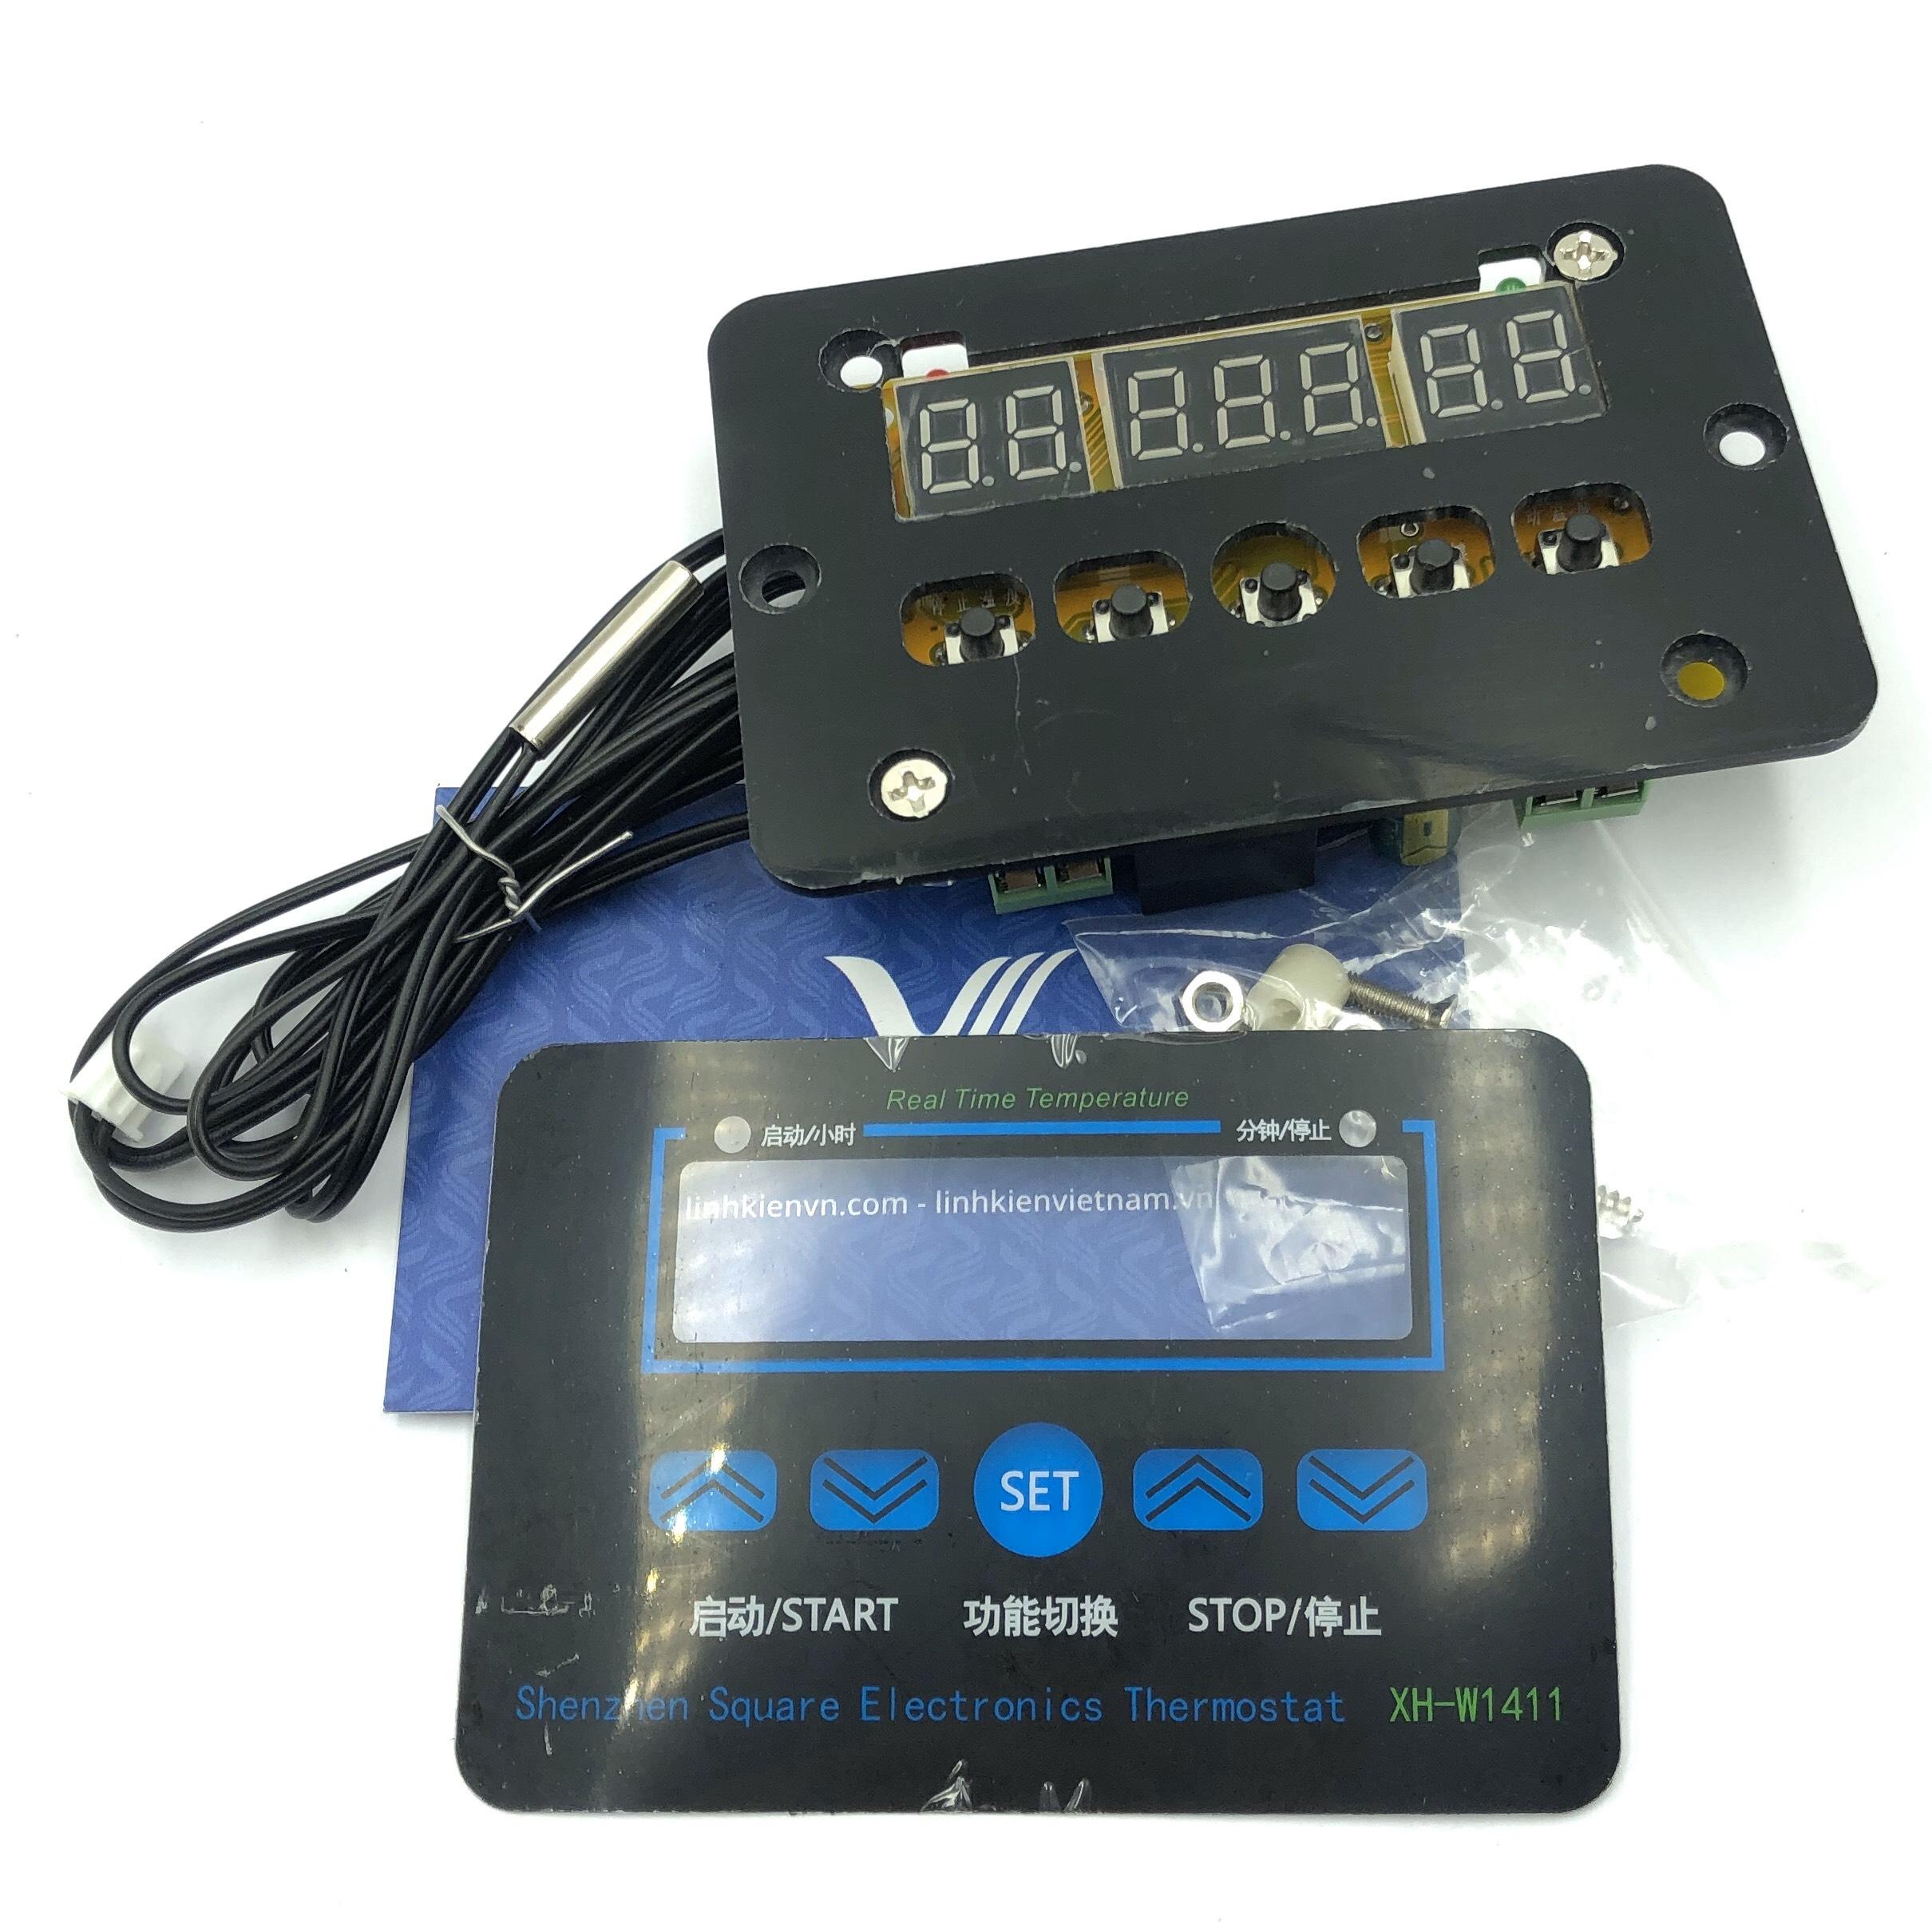 Mạch cảm biến nhiệt độ đóng ngắt thiết bị XH-W1411 220VAC